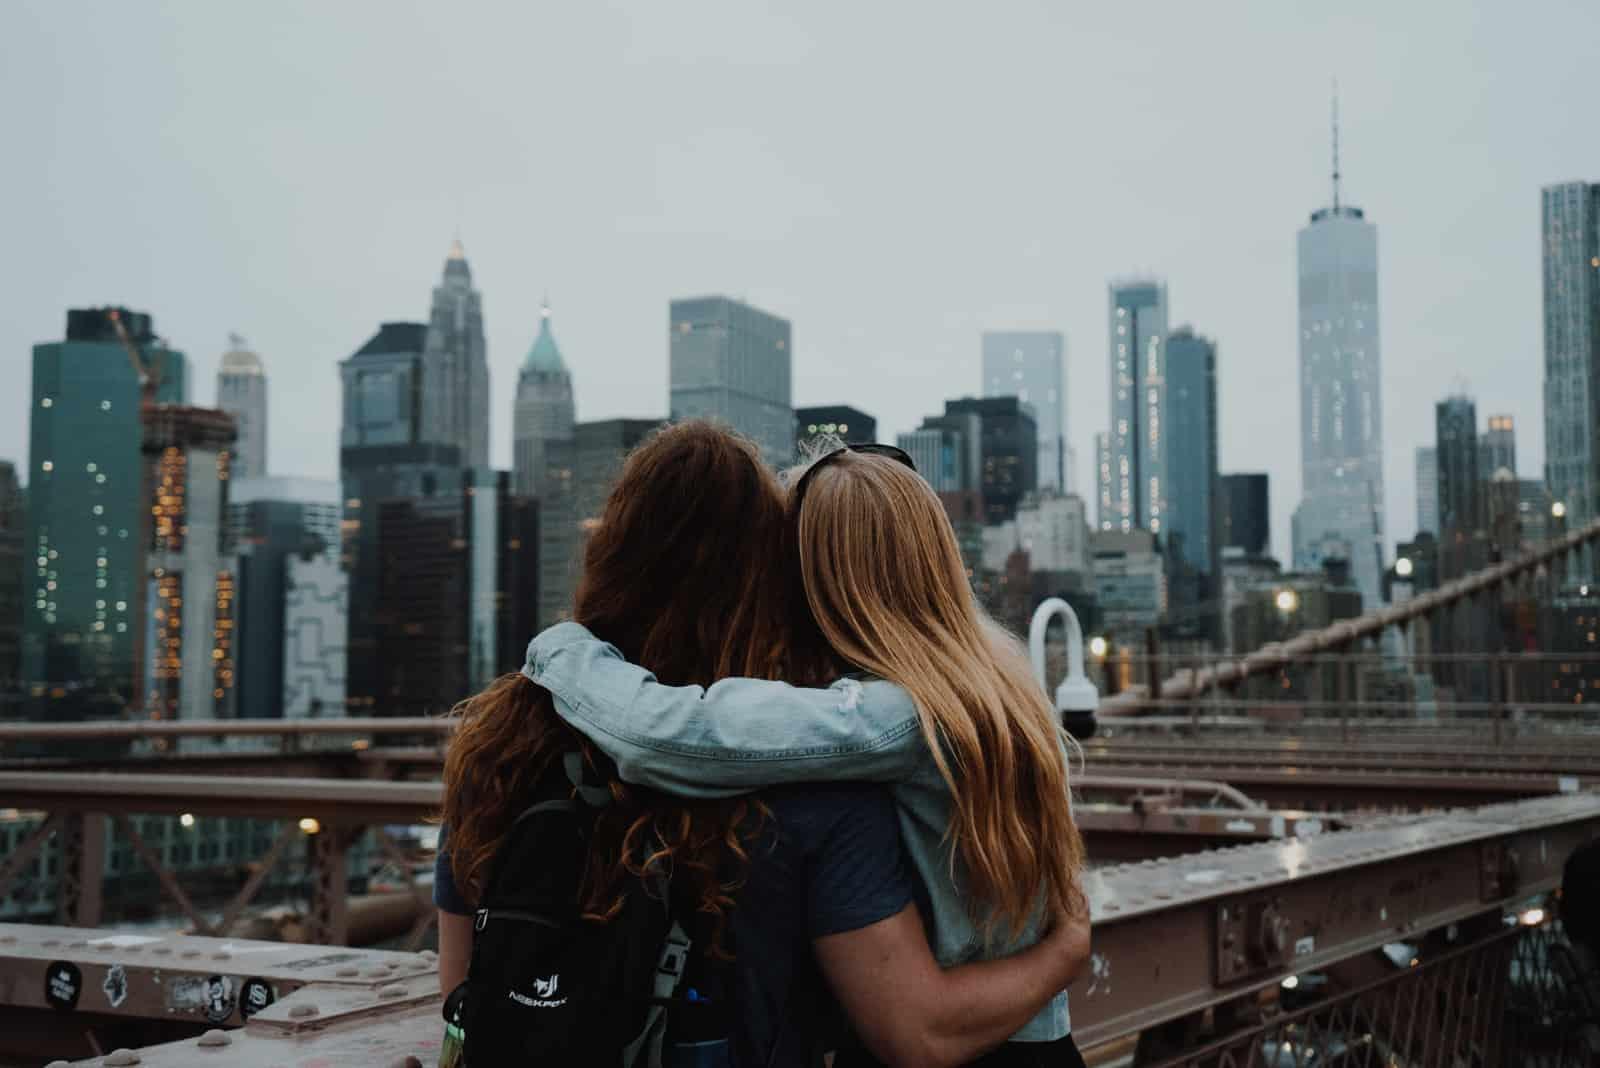 deux femmes s'embrassant en regardant la ville